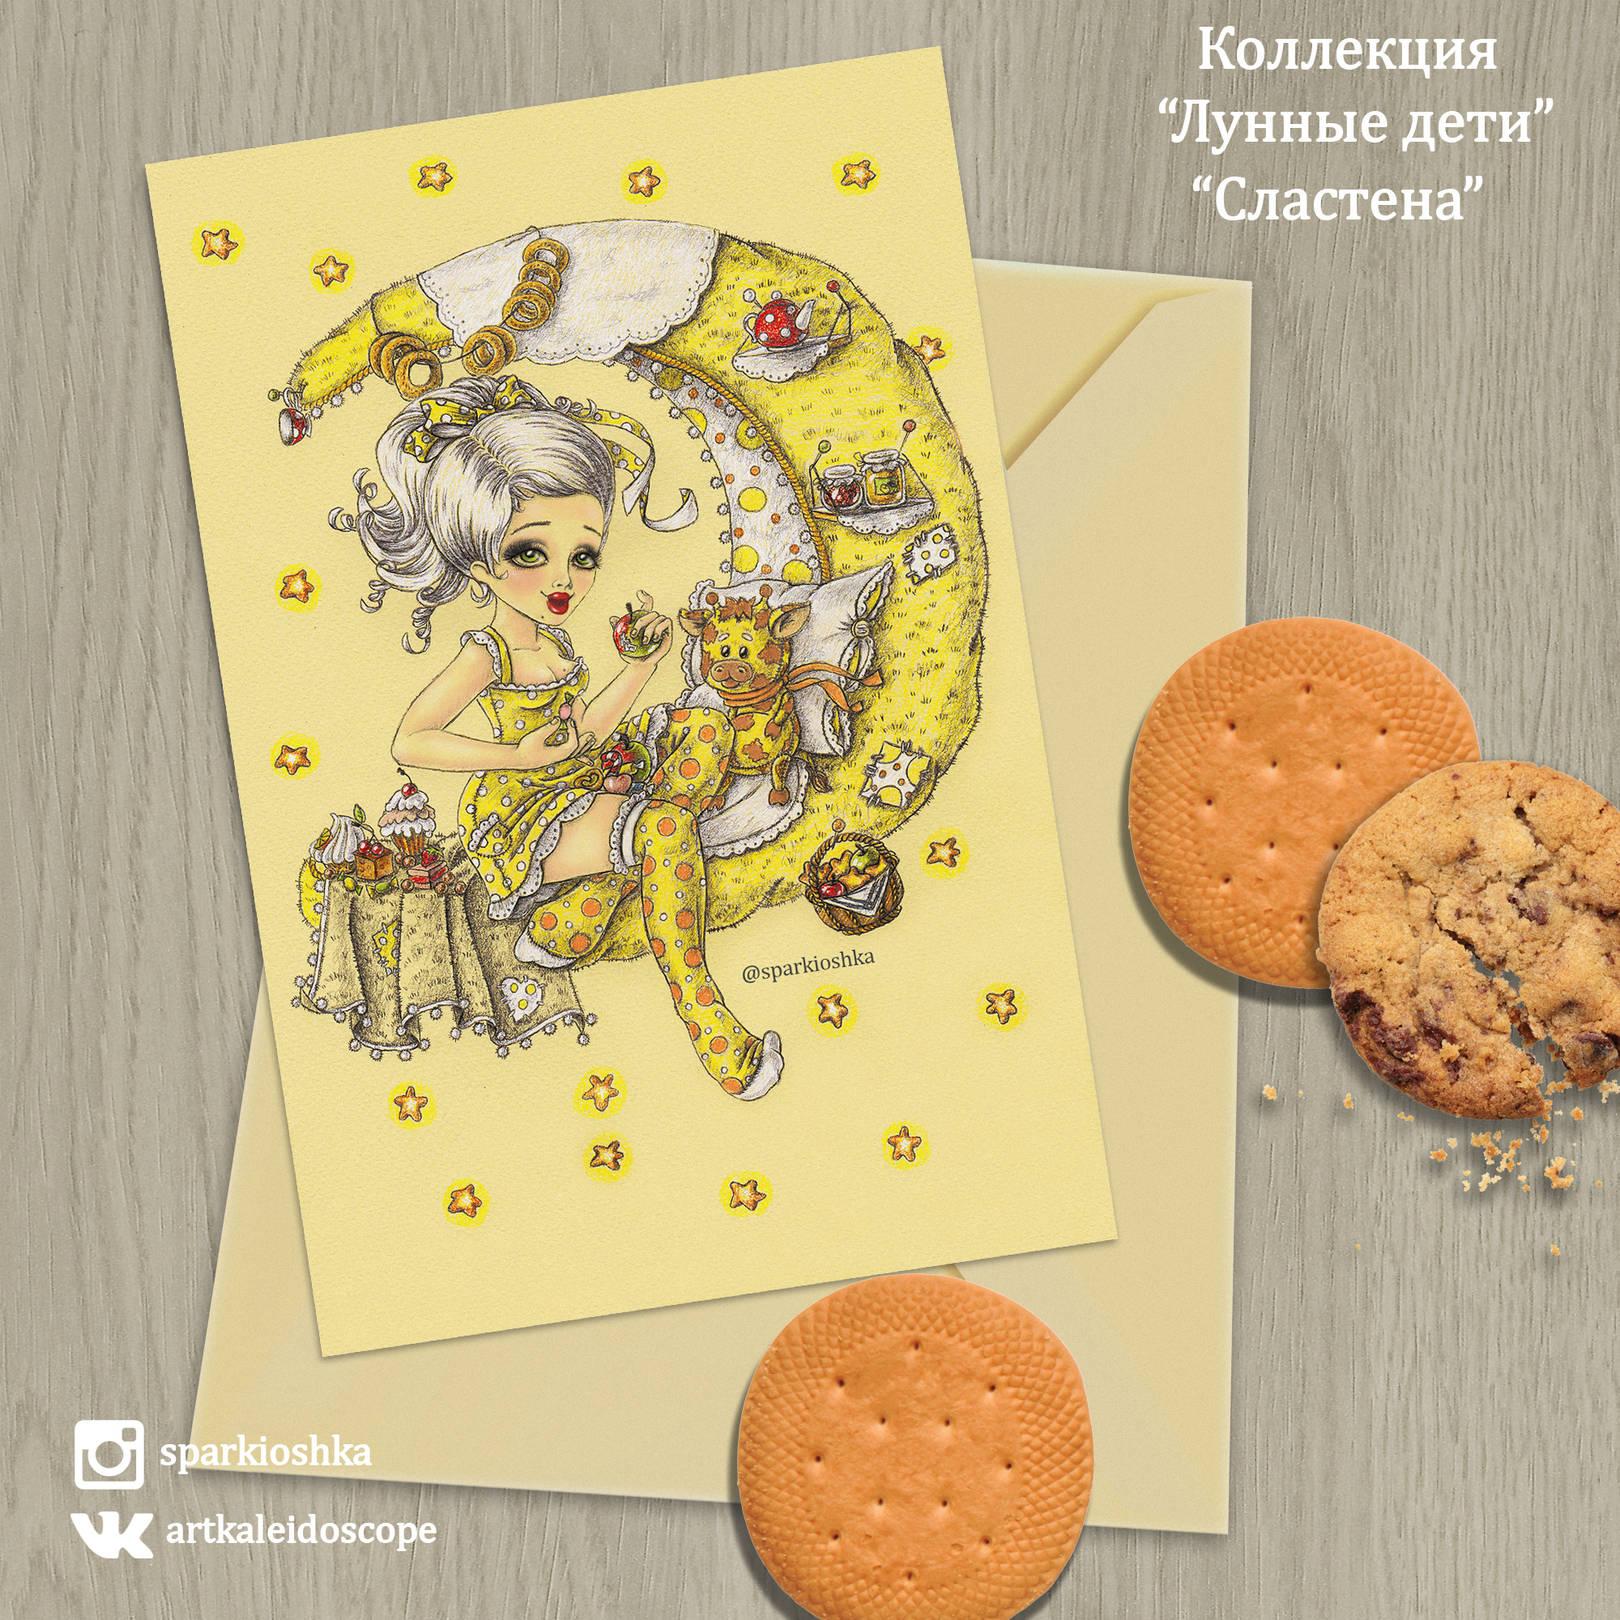 Лунные дети - открытки